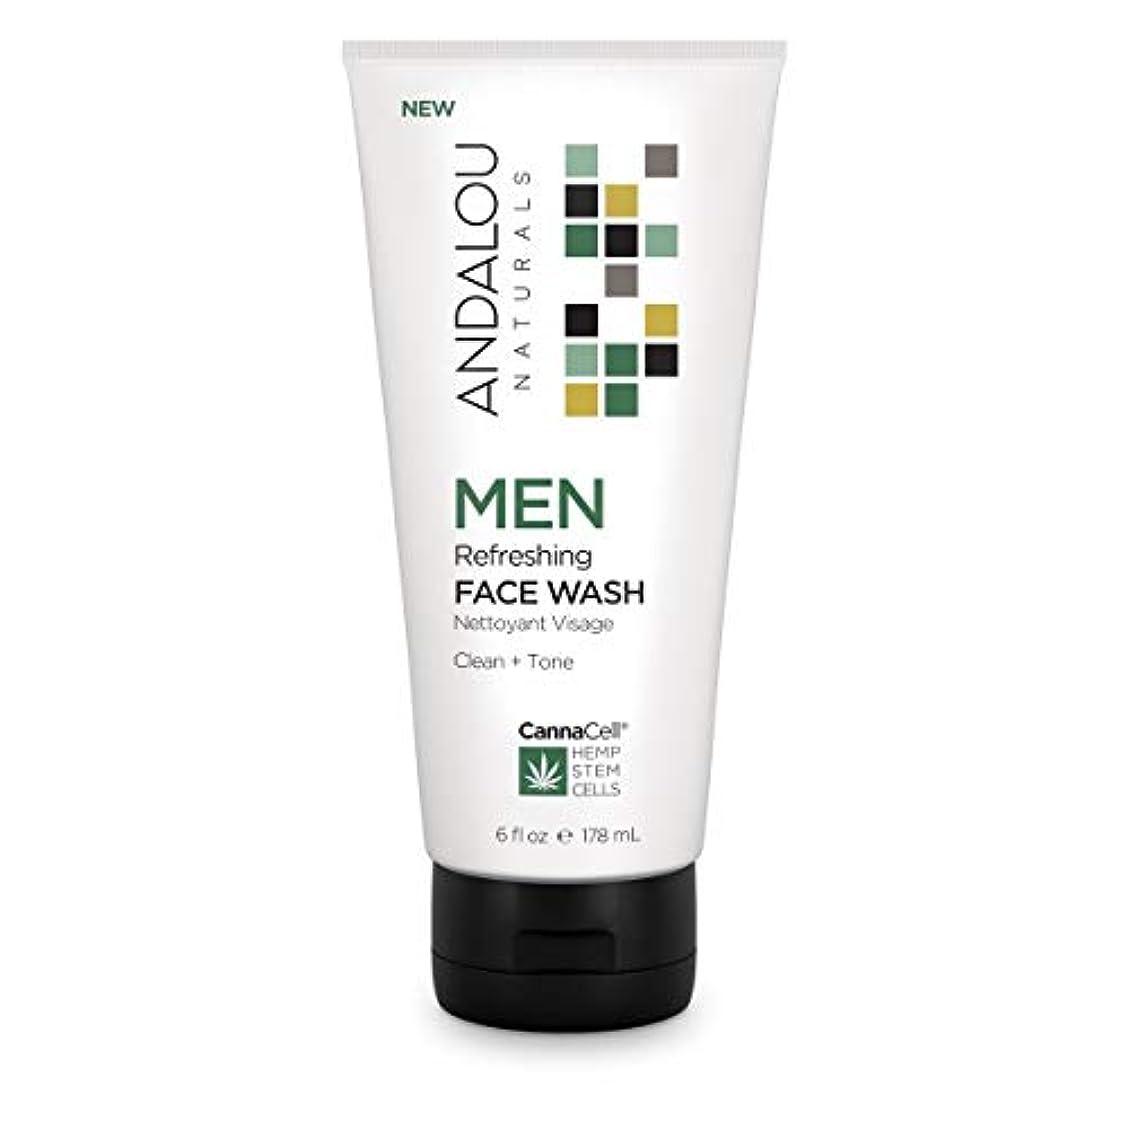 それ十刃オーガニック ボタニカル 洗顔料 洗顔フォーム ナチュラル フルーツ幹細胞 ヘンプ幹細胞 「 MEN リフレッシングフェイスウォッシュ 」 ANDALOU naturals アンダルー ナチュラルズ